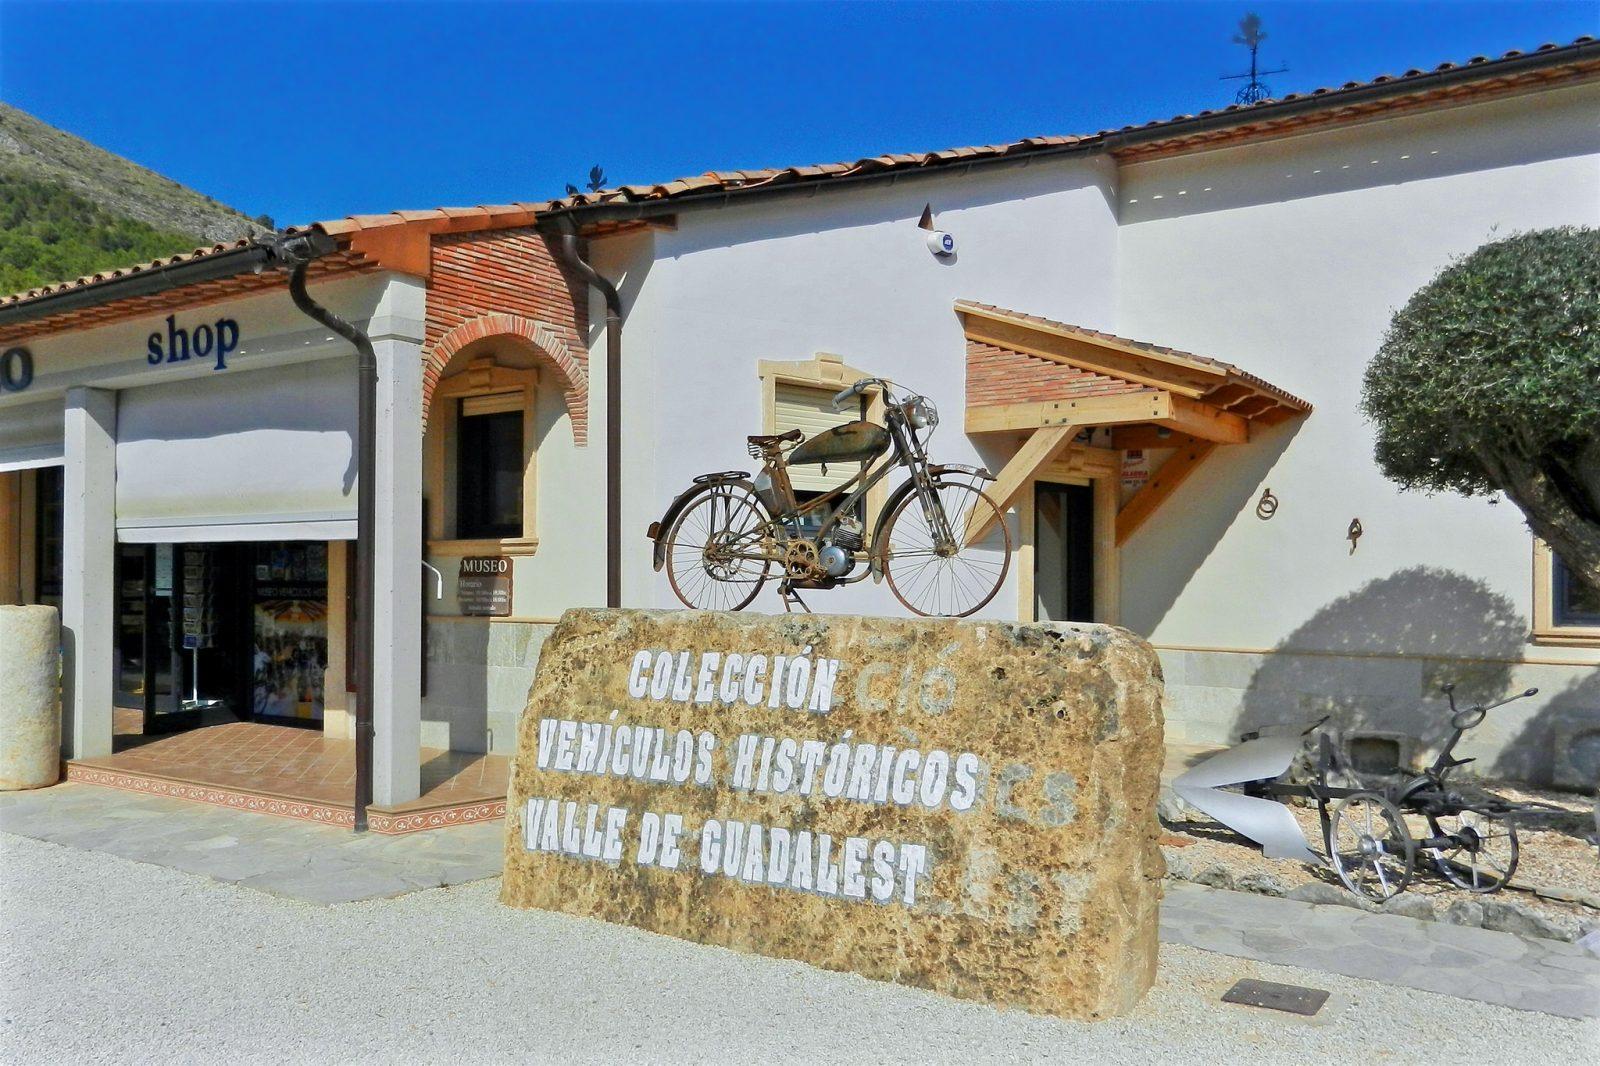 Музей старинных транспортных средств (фото: SimbaUllaDK)